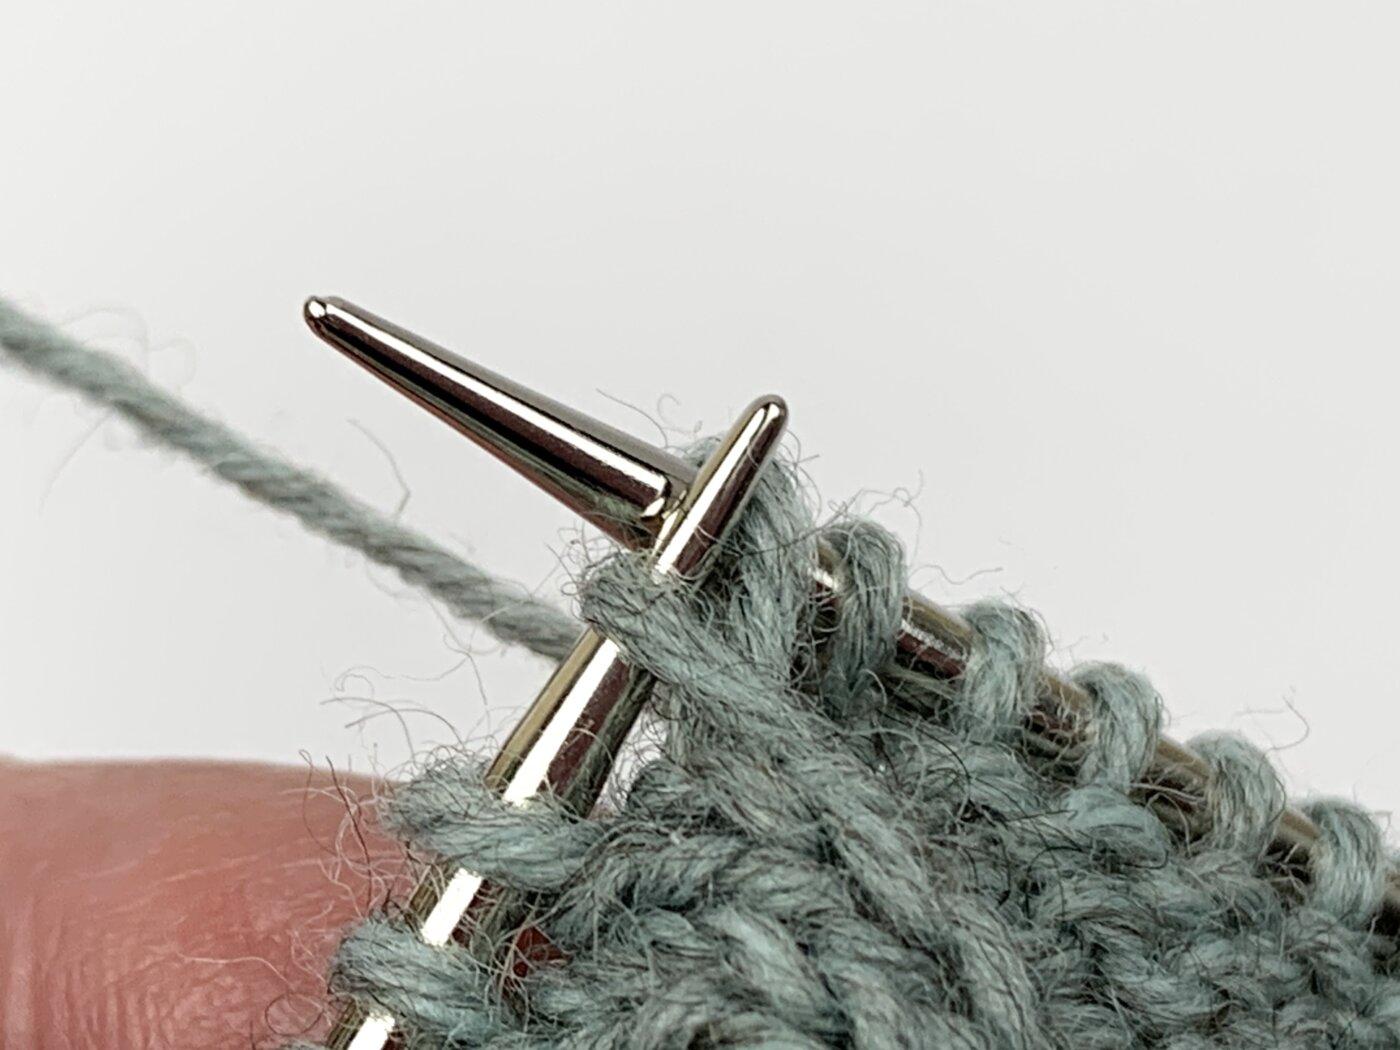 Das linke Beinchen der Muttermasche wird mit der linken Nadel auf die rechte Nadelspitze gehoben.